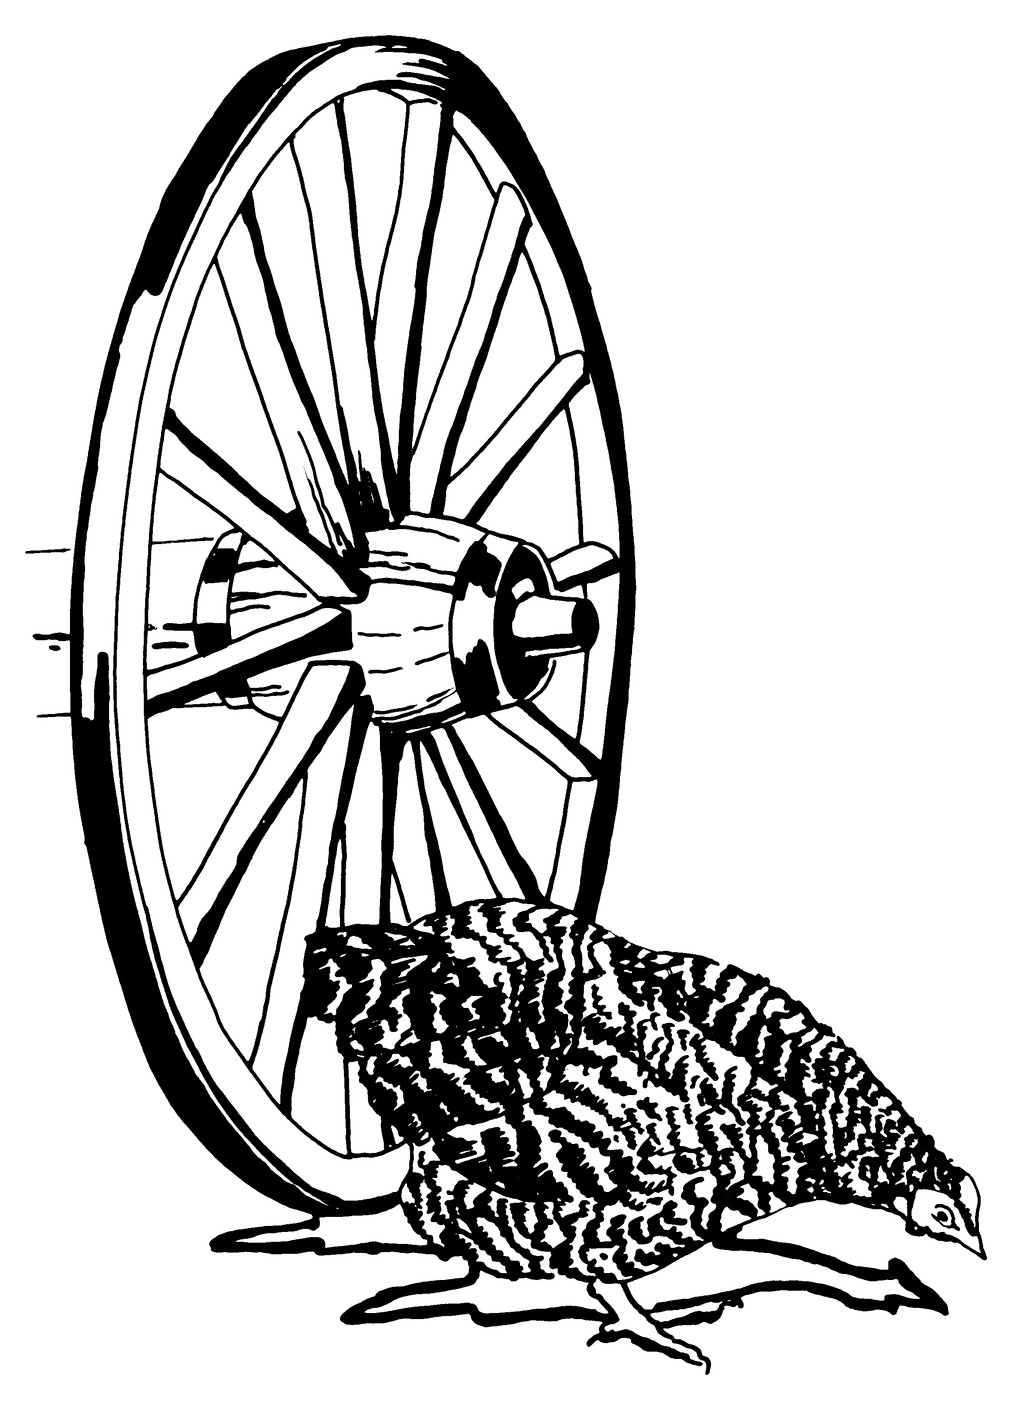 位图 位图 车轮 动物 鸡 色彩 面料图库 服装图案 免费下载 服装设计